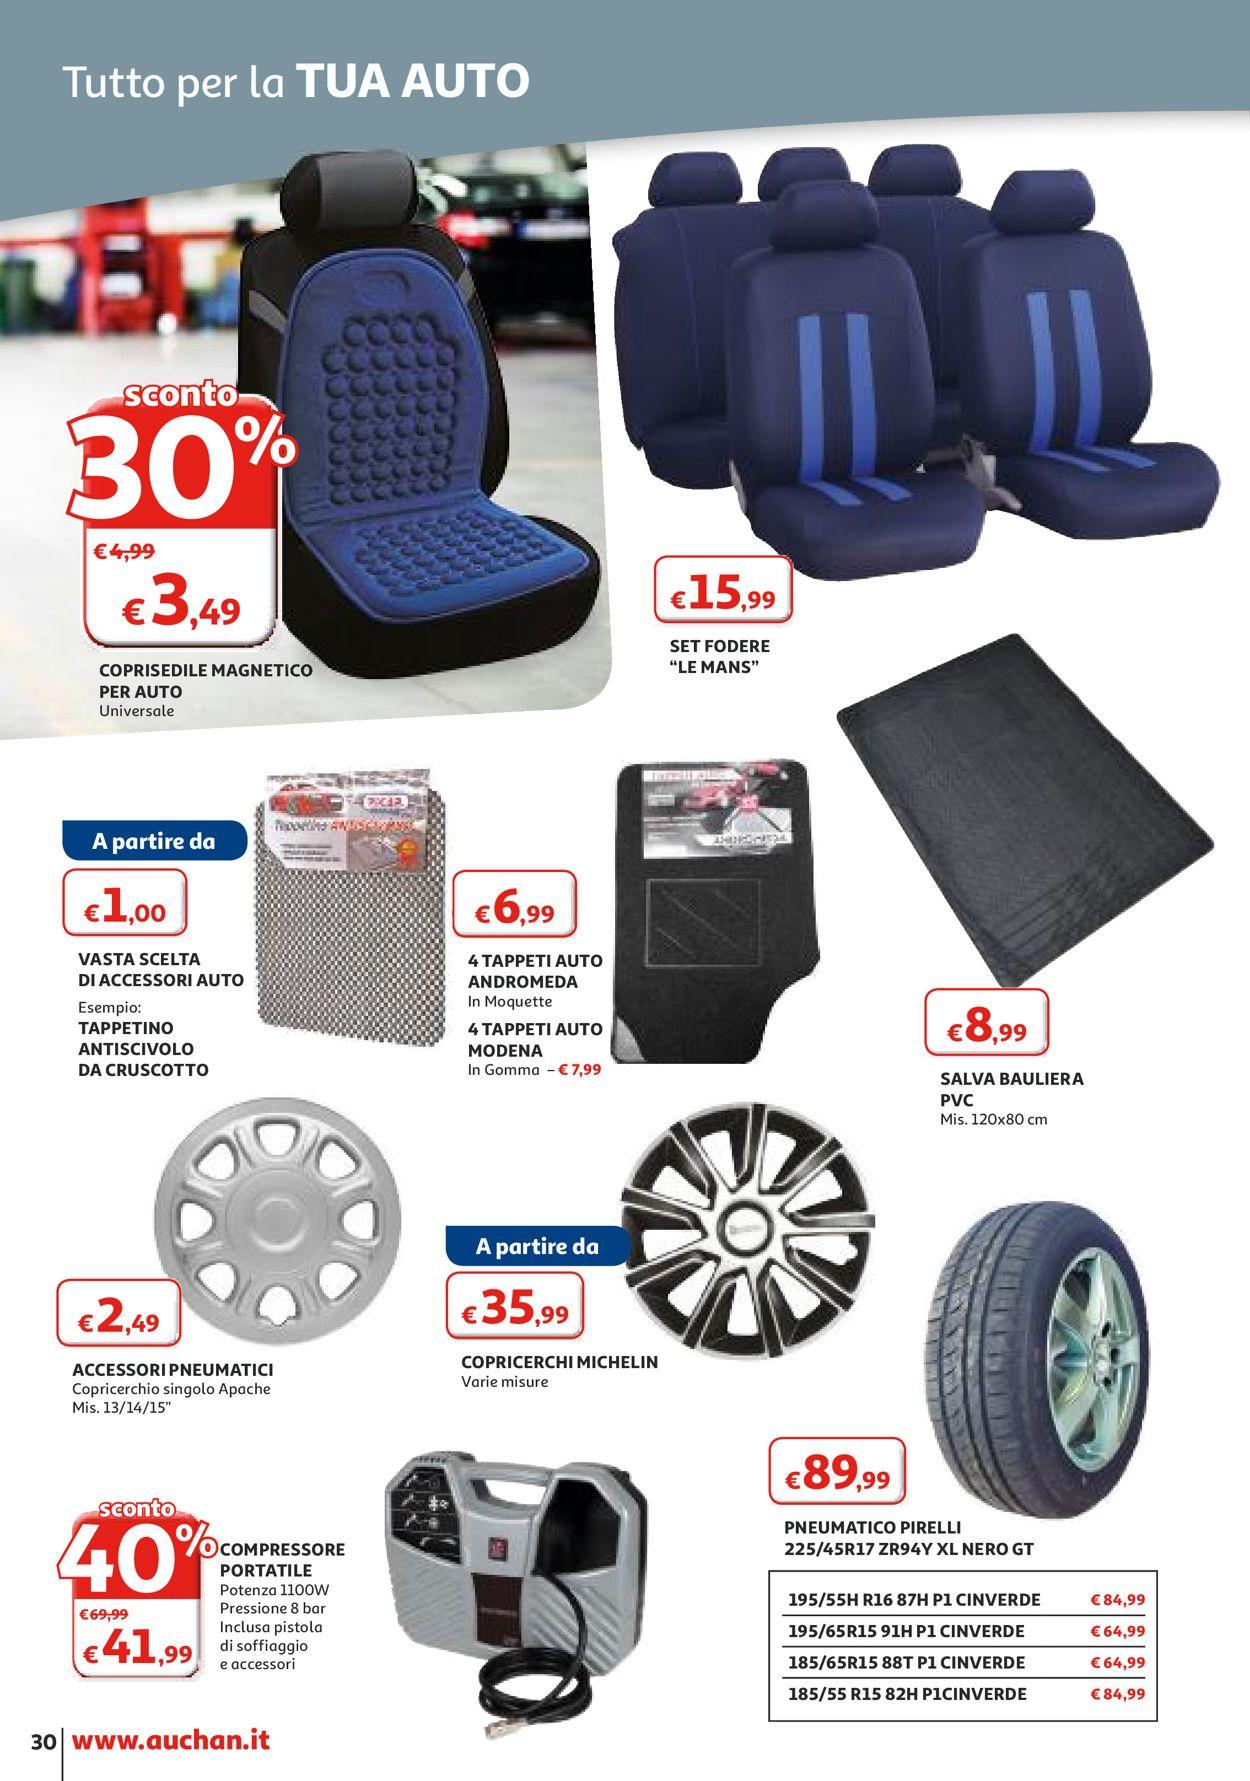 Coprisedili Auto Carrefour